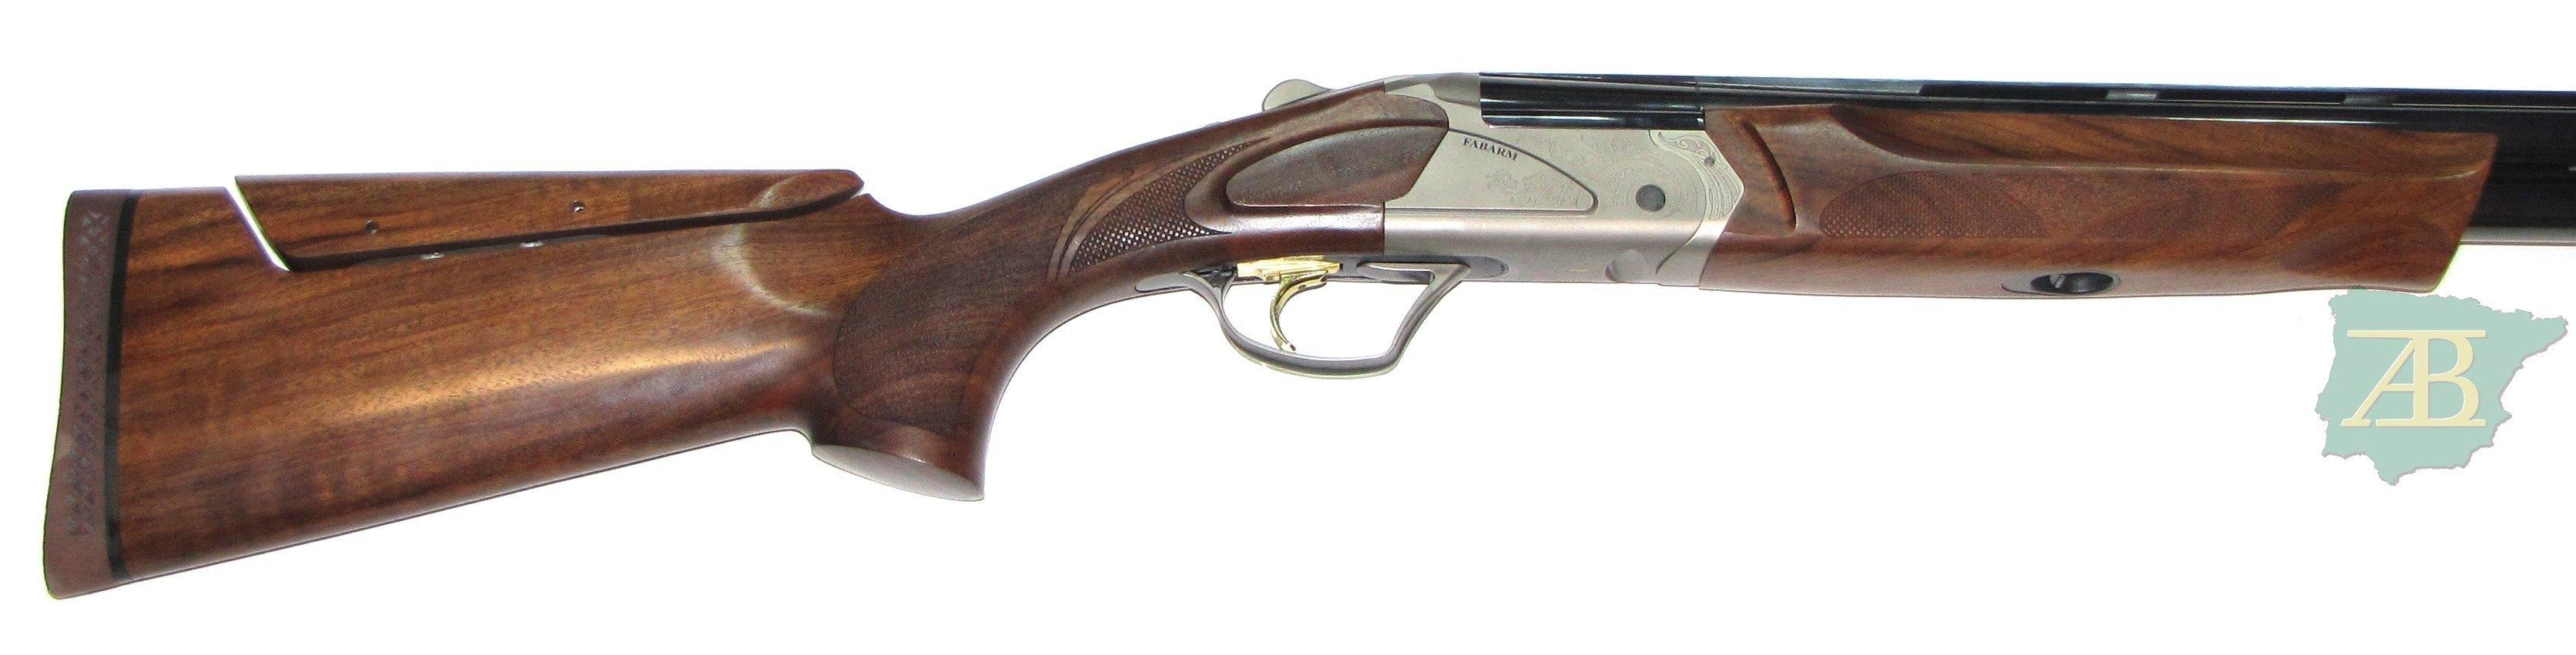 Escopeta superpuesta de TRAP FABARM AXIS ref 4890-armeriaiberica-2